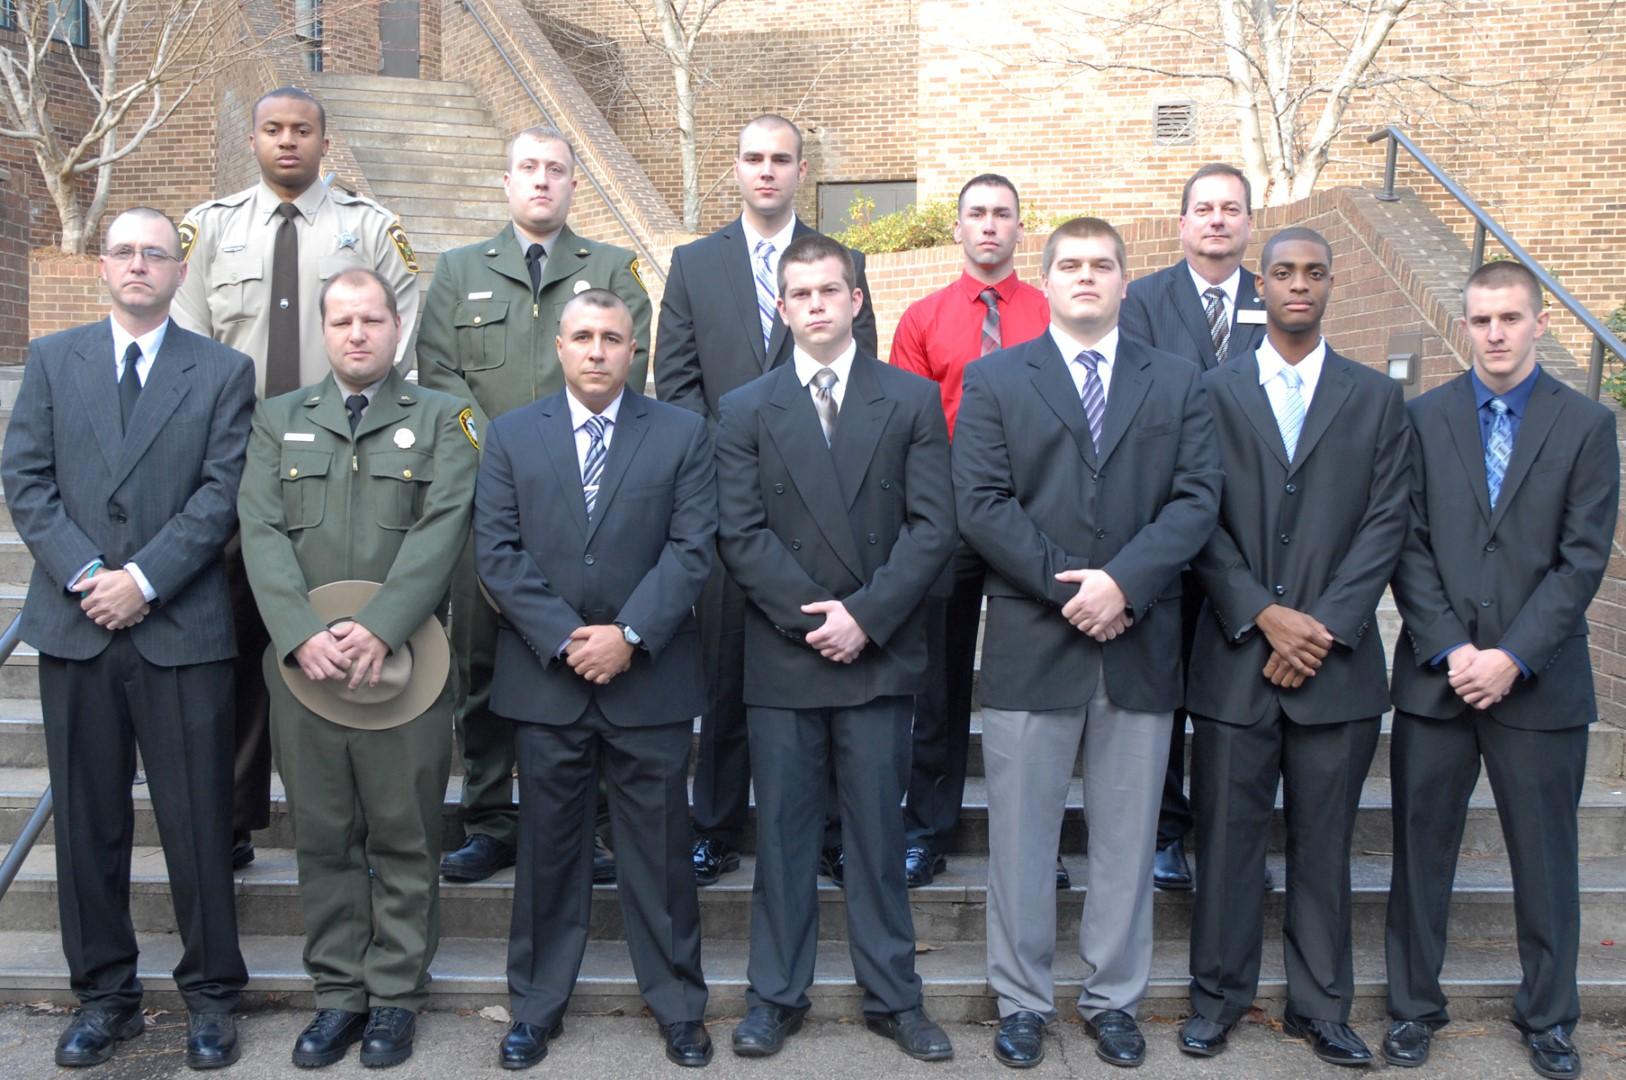 Vgcc Graduates 11 Law Enforcement Cadets In Schools 97th Blet Class